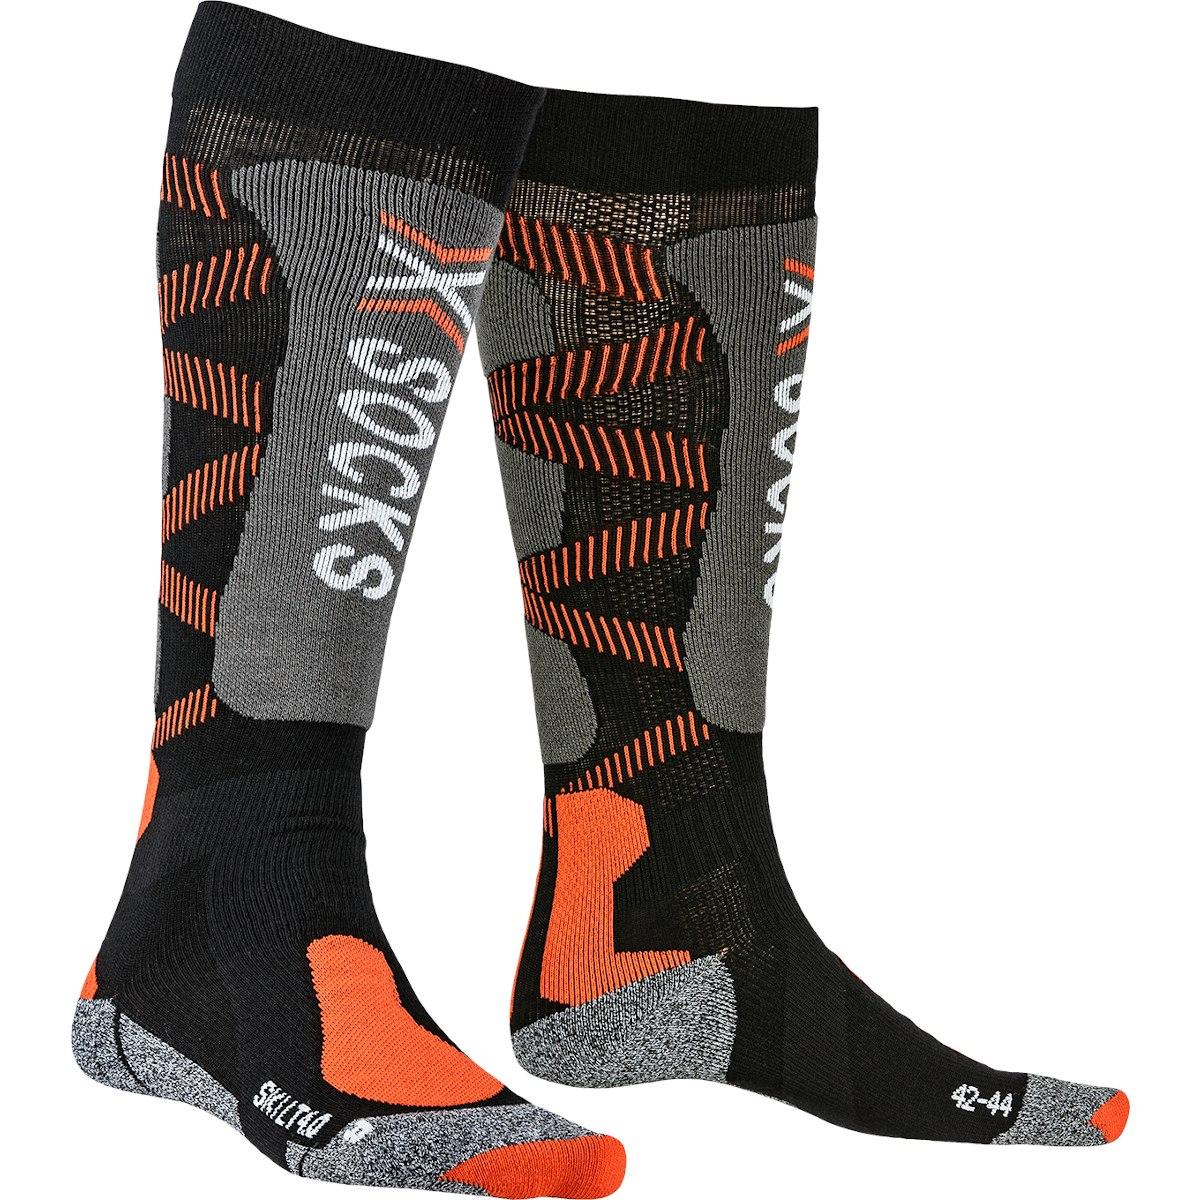 X-Socks Ski Light 4.0 Socken - black/x-orange